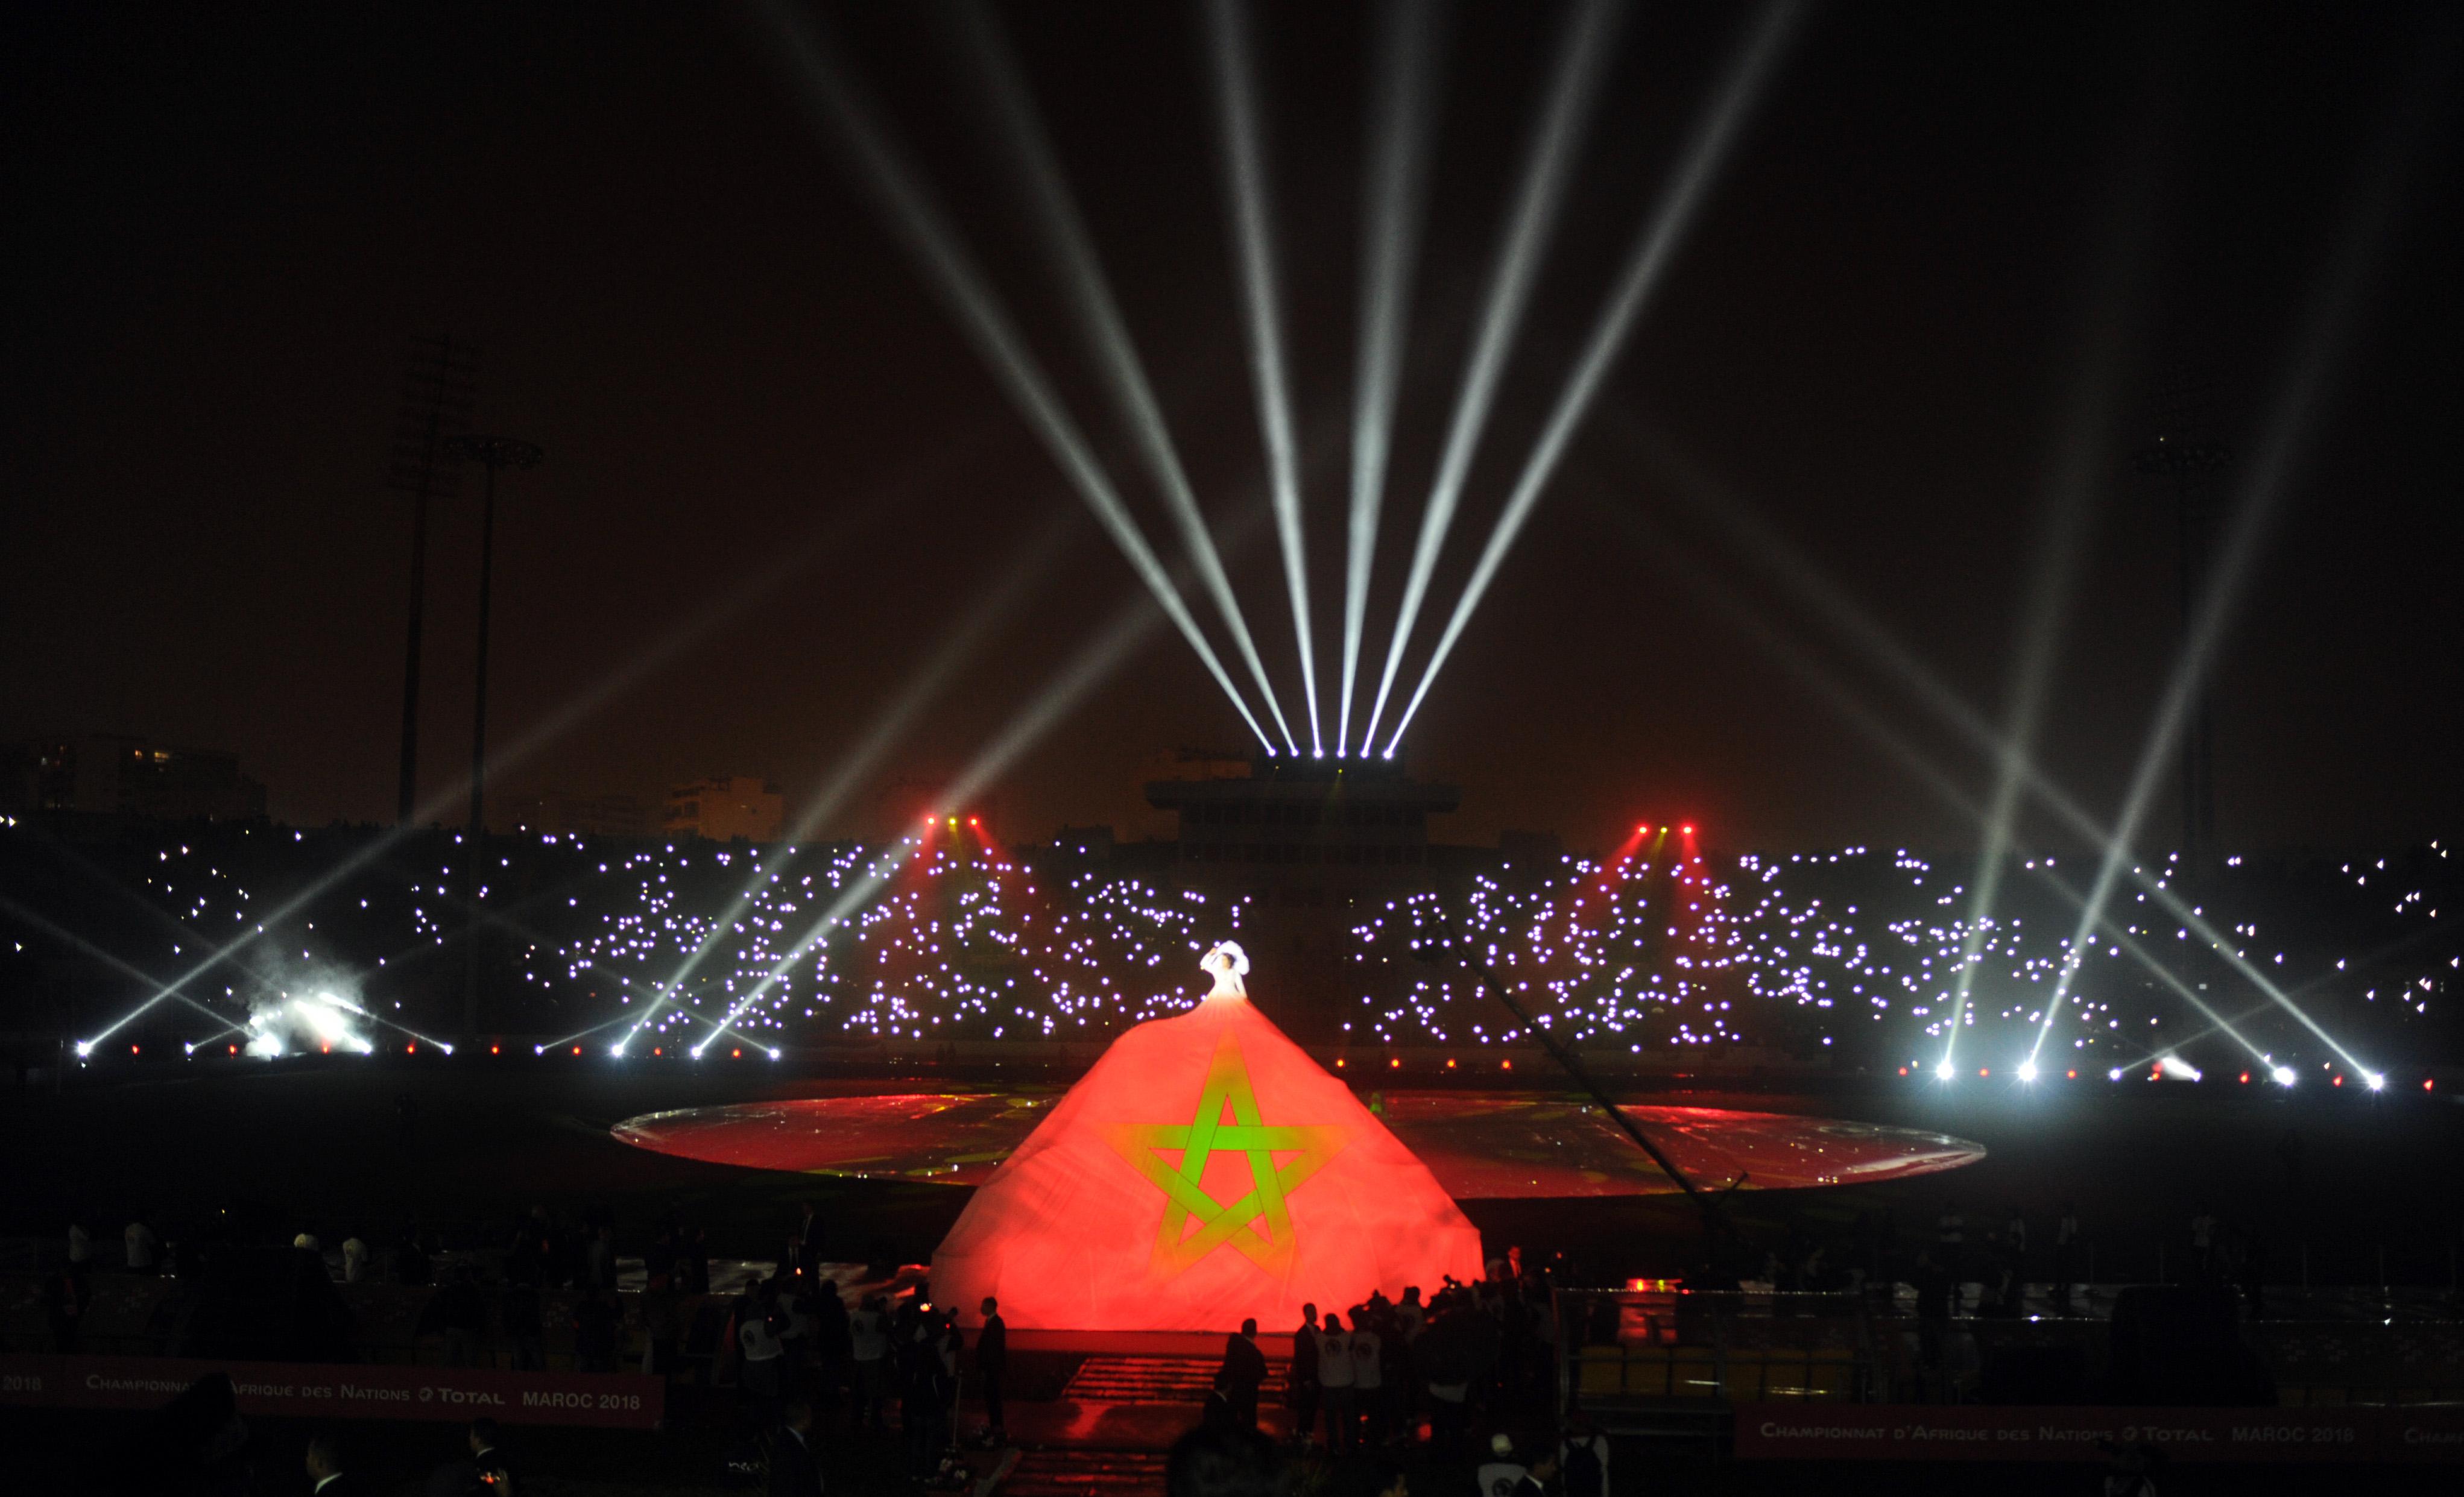 الفيفا تحسم في ترشح المغرب للمونديال بهذه المدينة المغربية